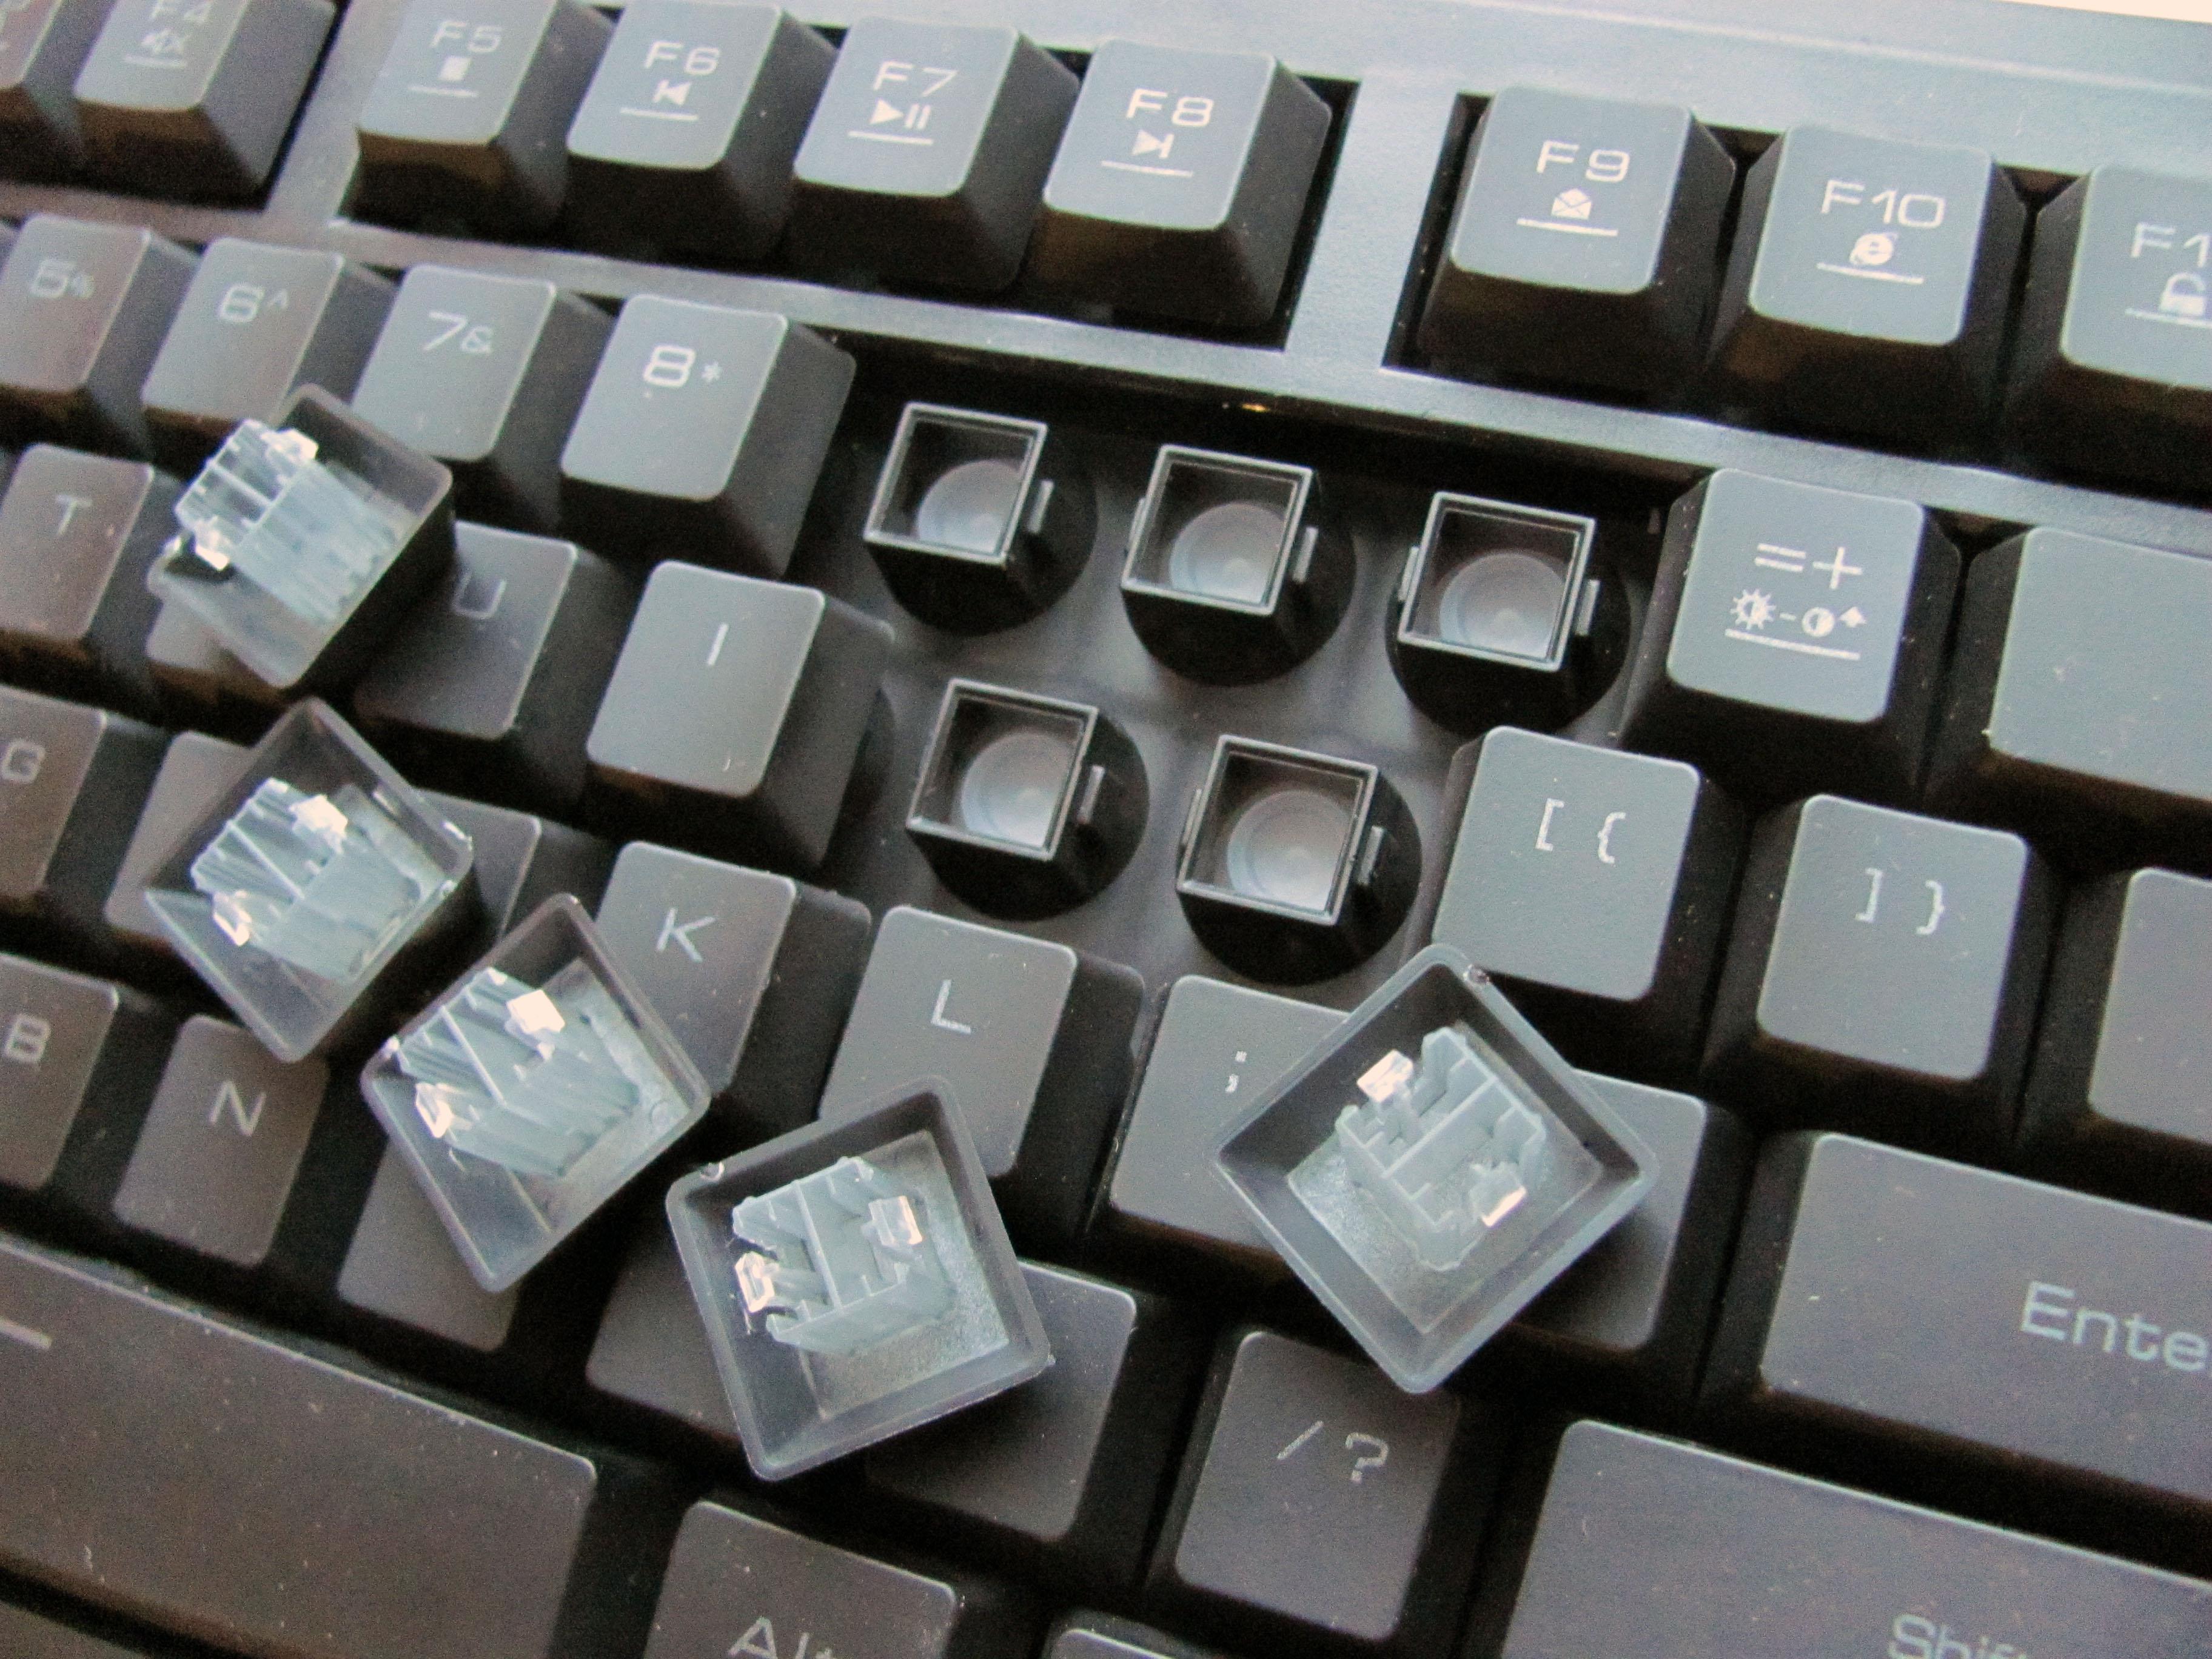 Если клавиатура перестала работать, то желательно знать после чего это произошло